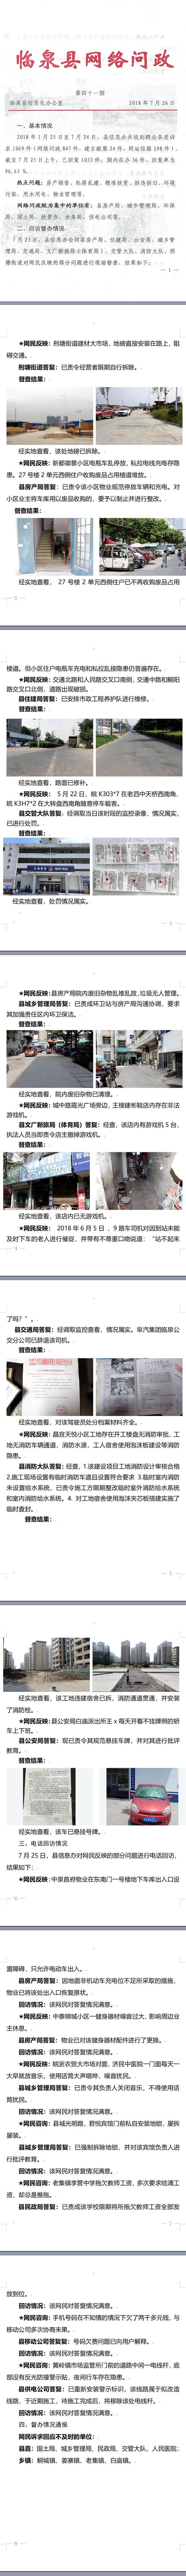 临泉县网络问政第四十一期.jpg